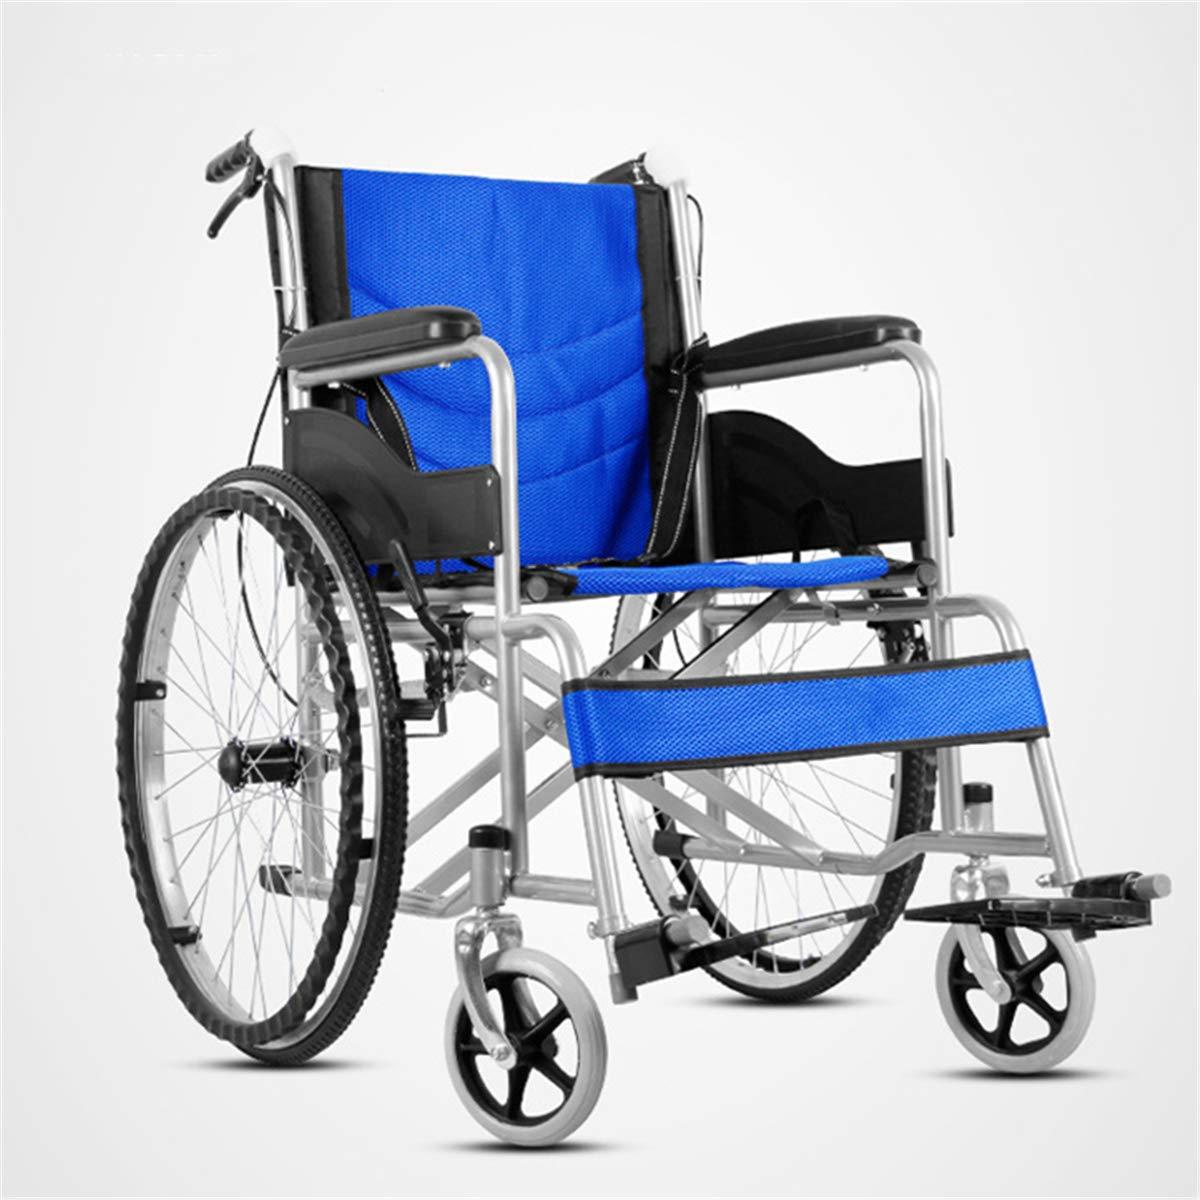 自走用車いす 介助型車いす 通気性 車椅子 介助式 パンク防止 通気性 超軽量 介助式 ポータブル ポータブル 折り畳み 旅行用 外出用 コンパクト ブルー B07PRT21G7, OAマウス:aa6d8f20 --- itxassou.fr